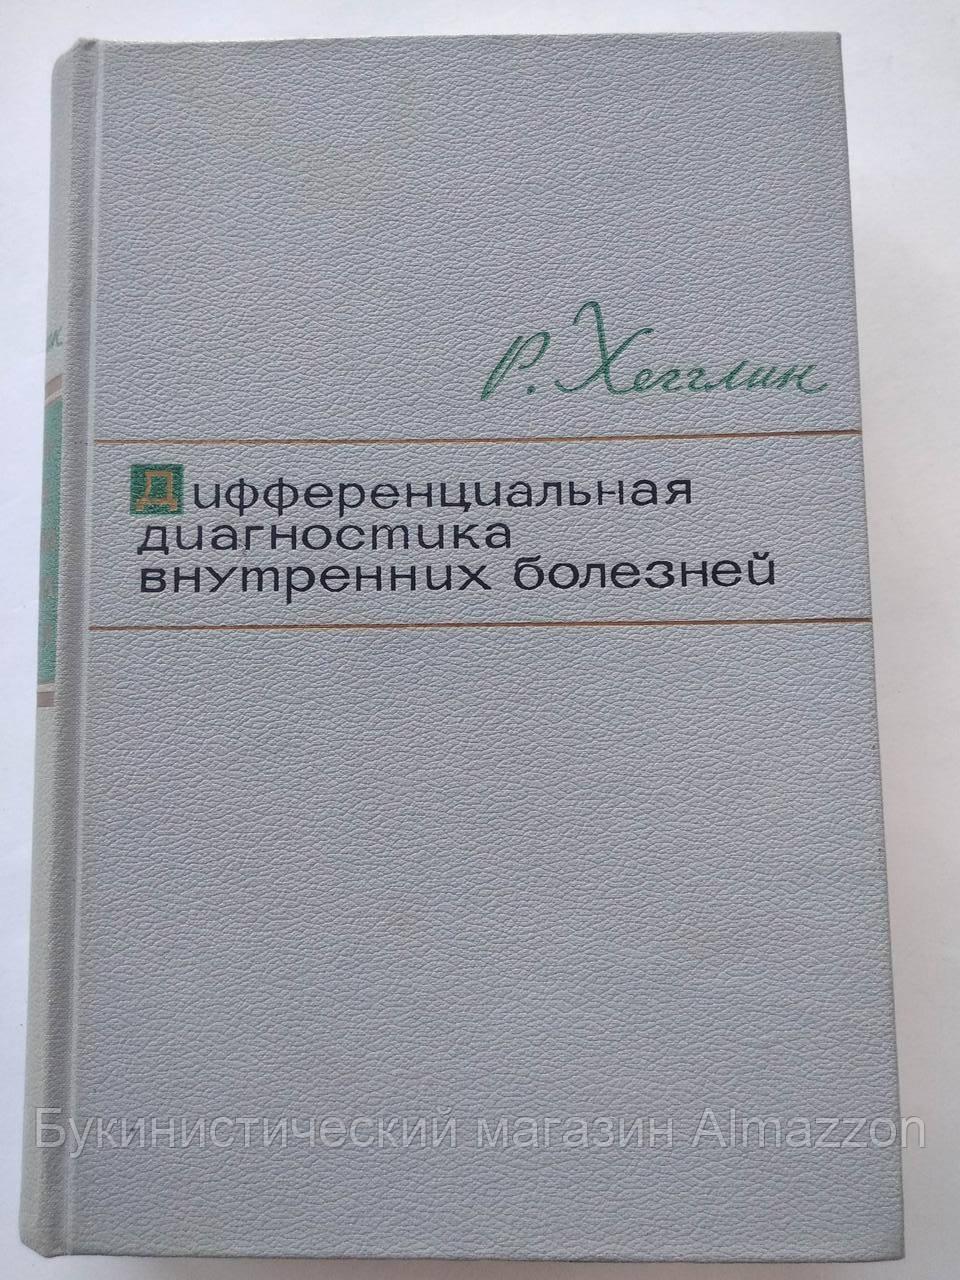 Дифференциальная диагностика внутренних болезней Р.Хэгглин 1965 год